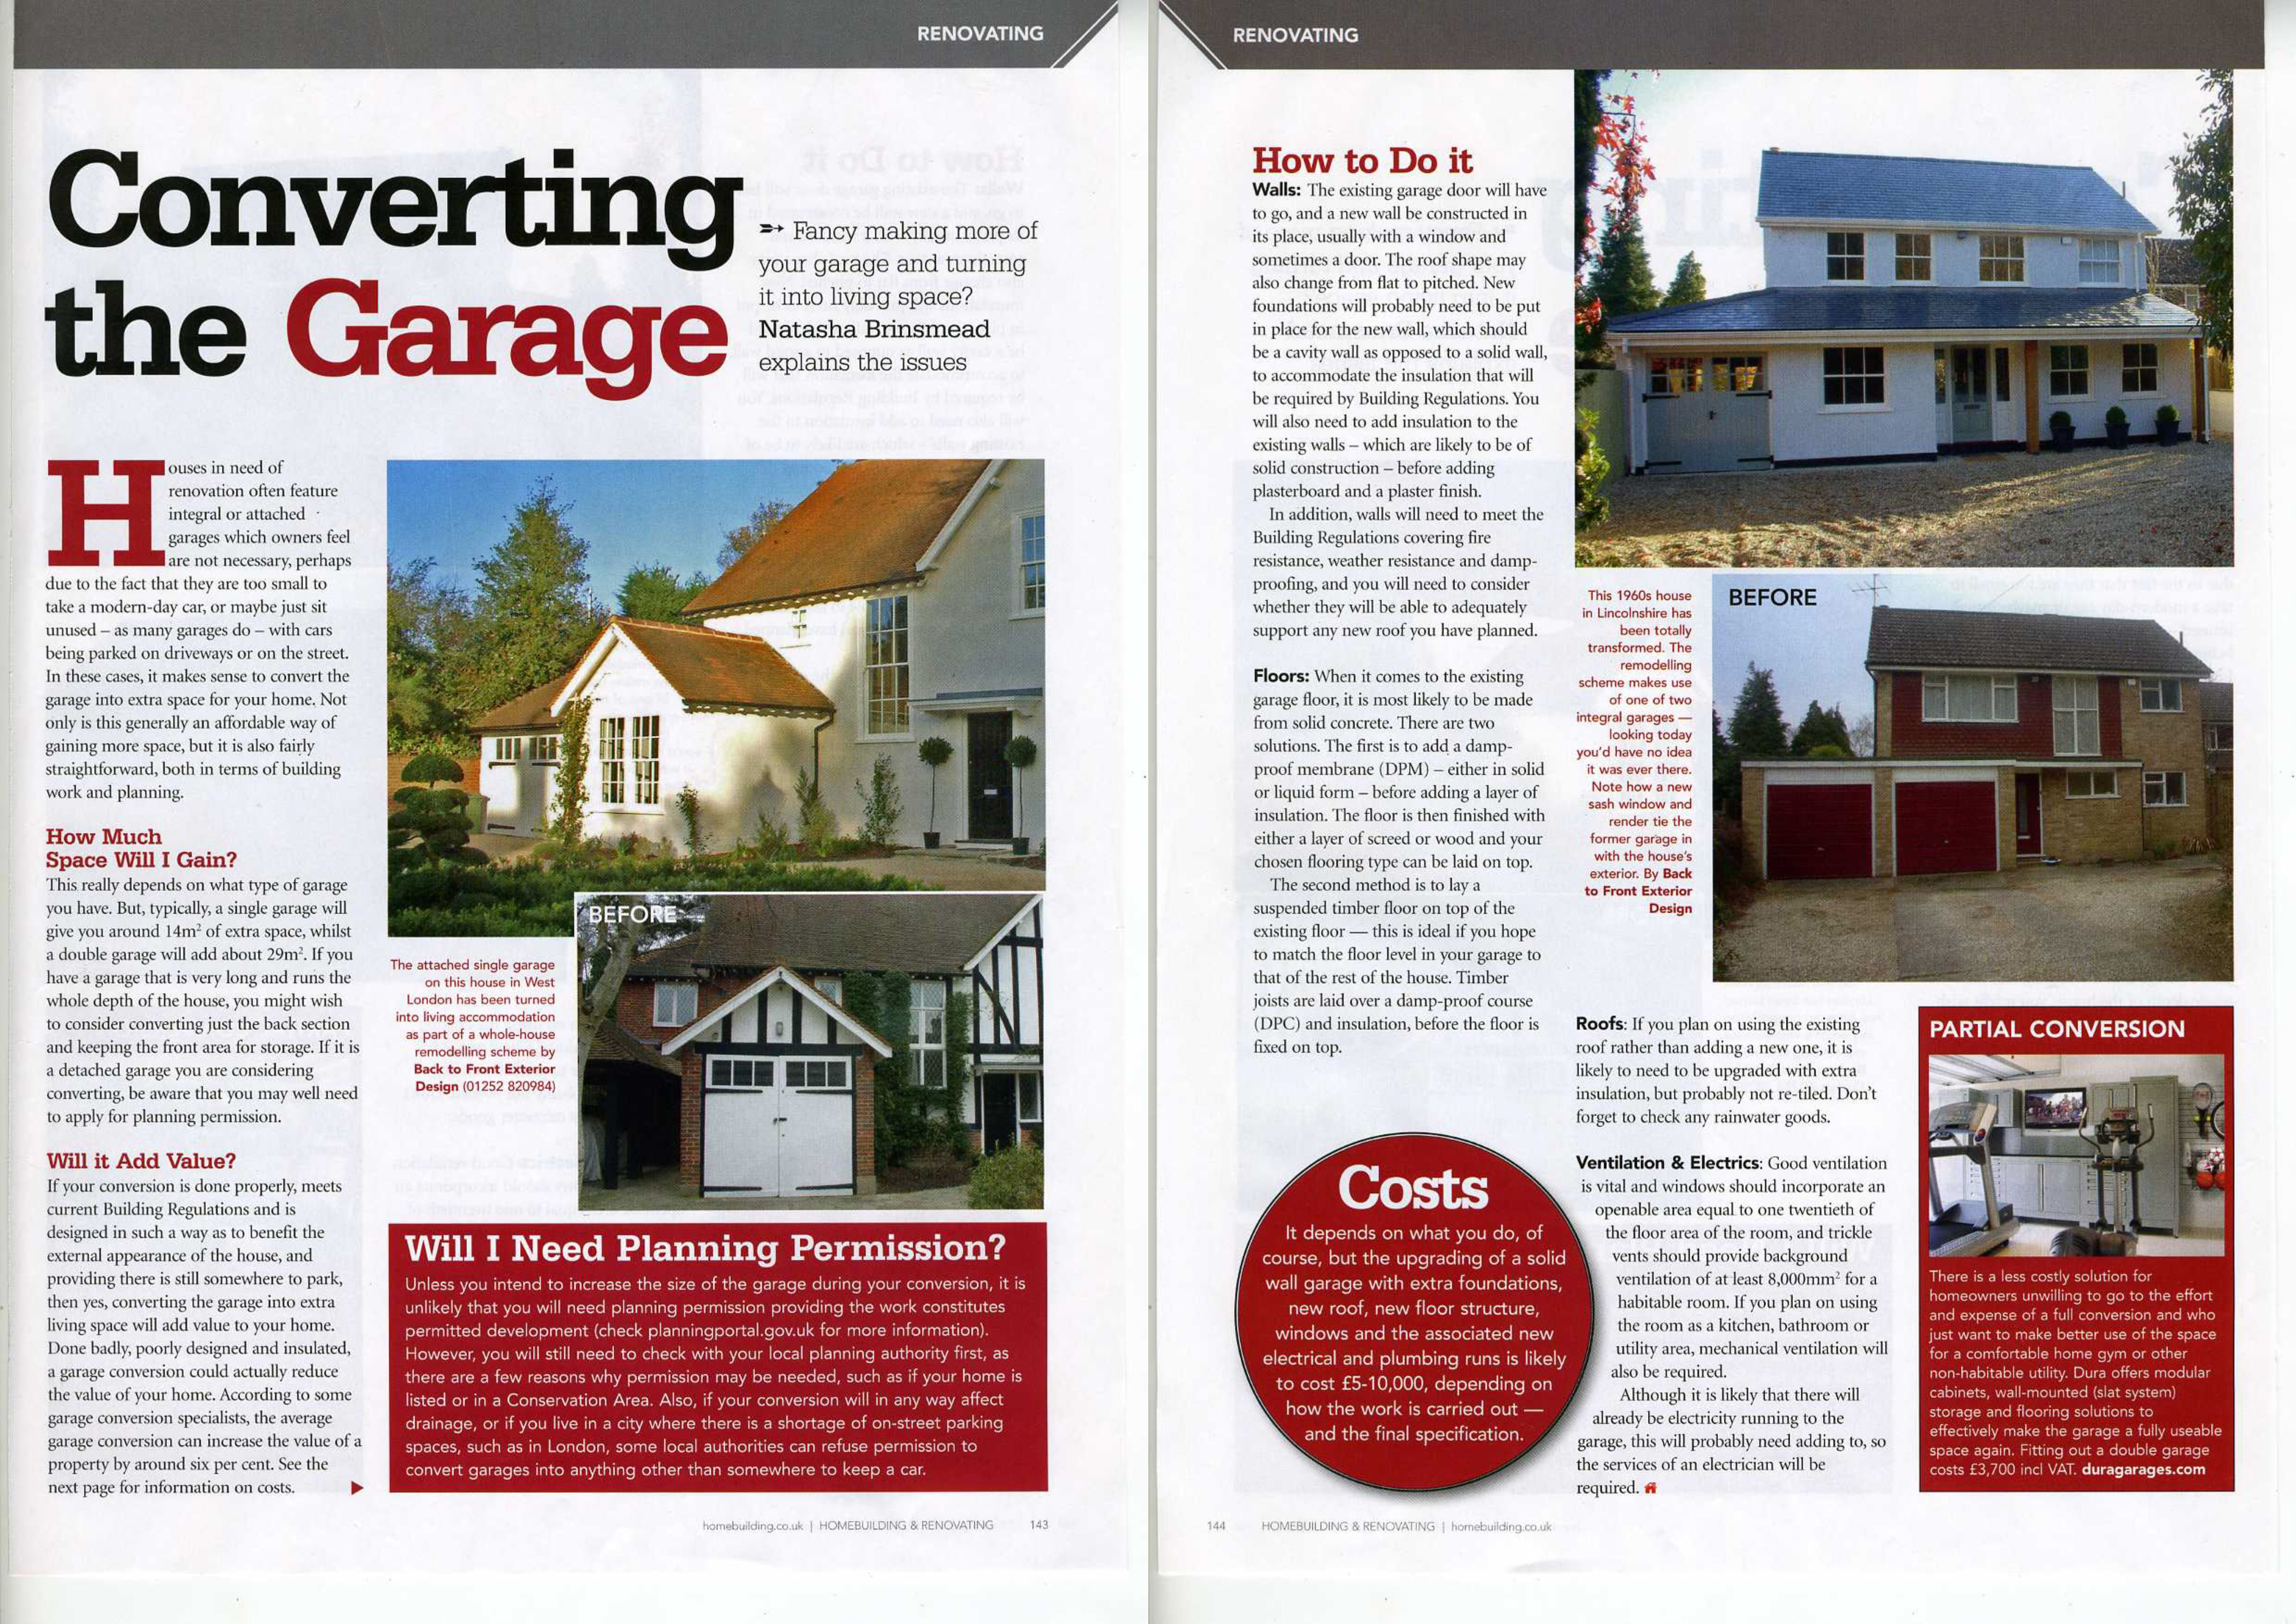 Homebuilding & Renovating Converting the Garage May 2011